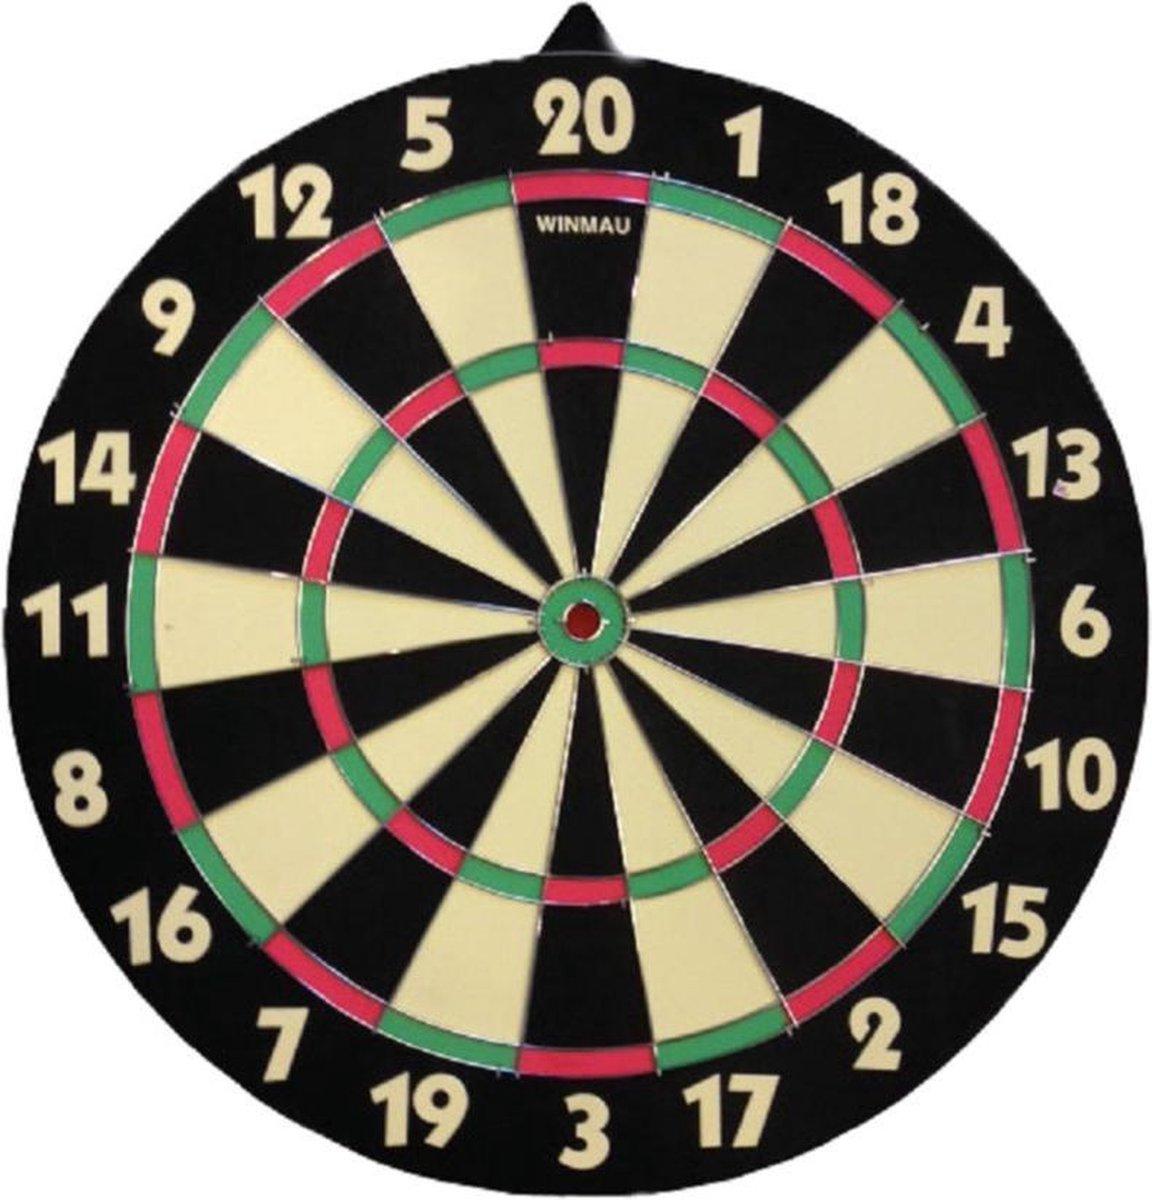 Dartbord 42 cm dubbelzijdig voor kinderen - Dubbelzijdig familie dartboard - Darten voor thuis